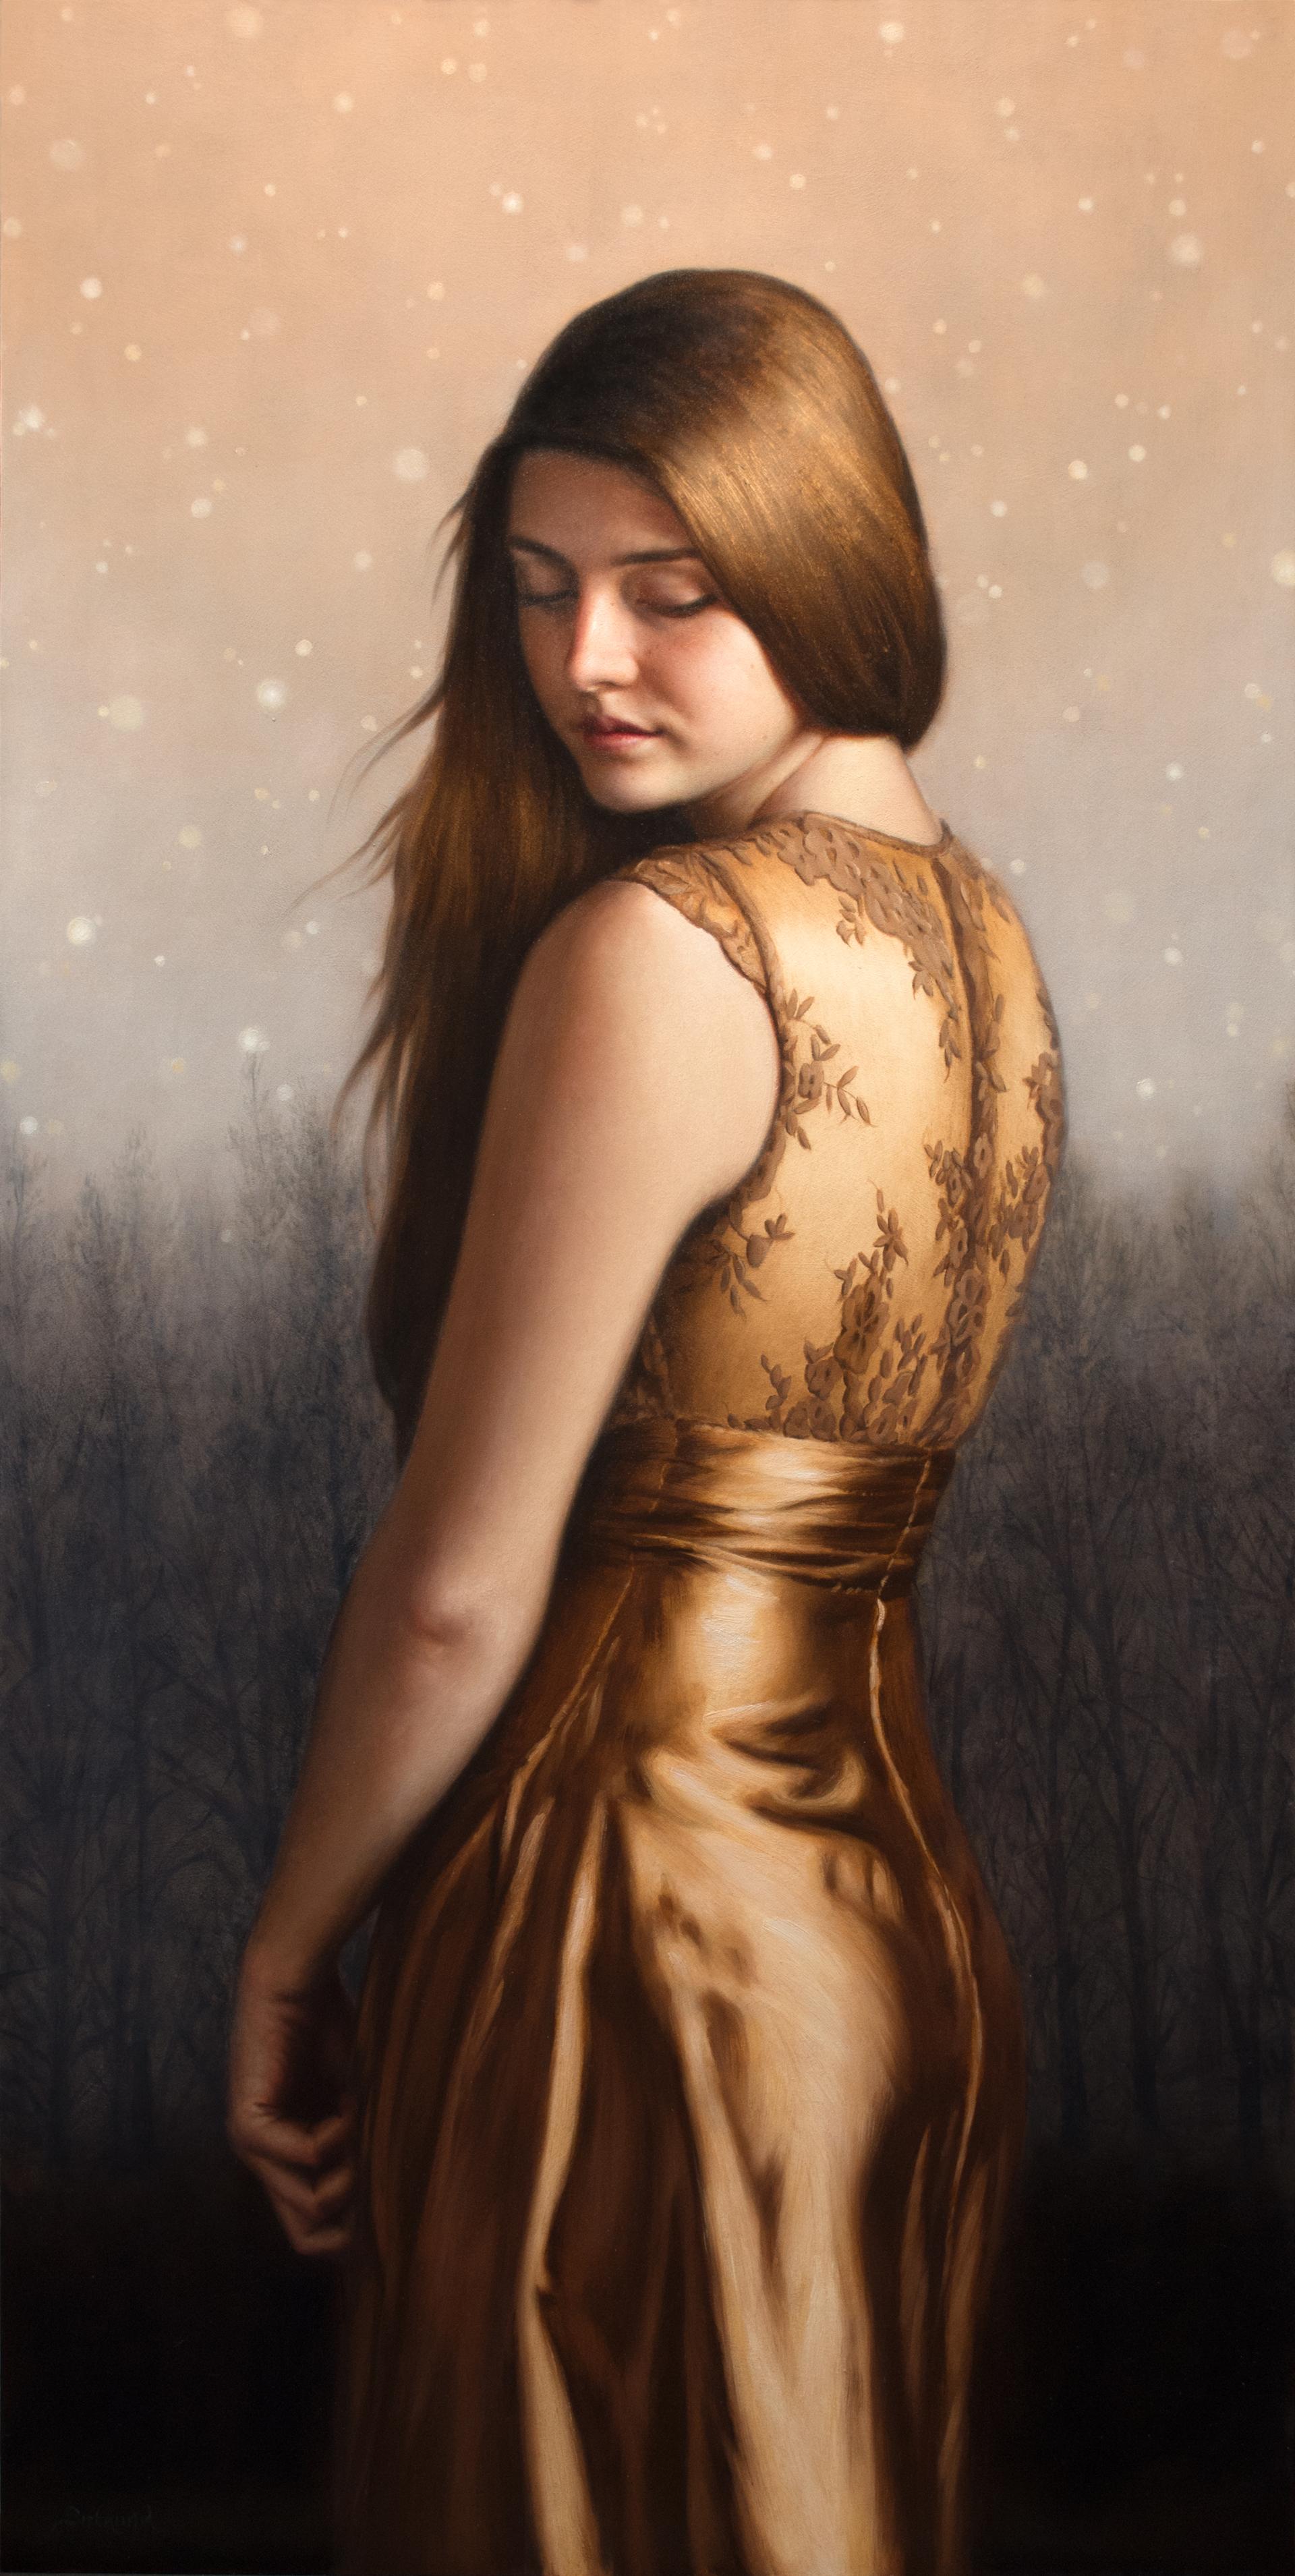 Twilight by Beth Sistrunk